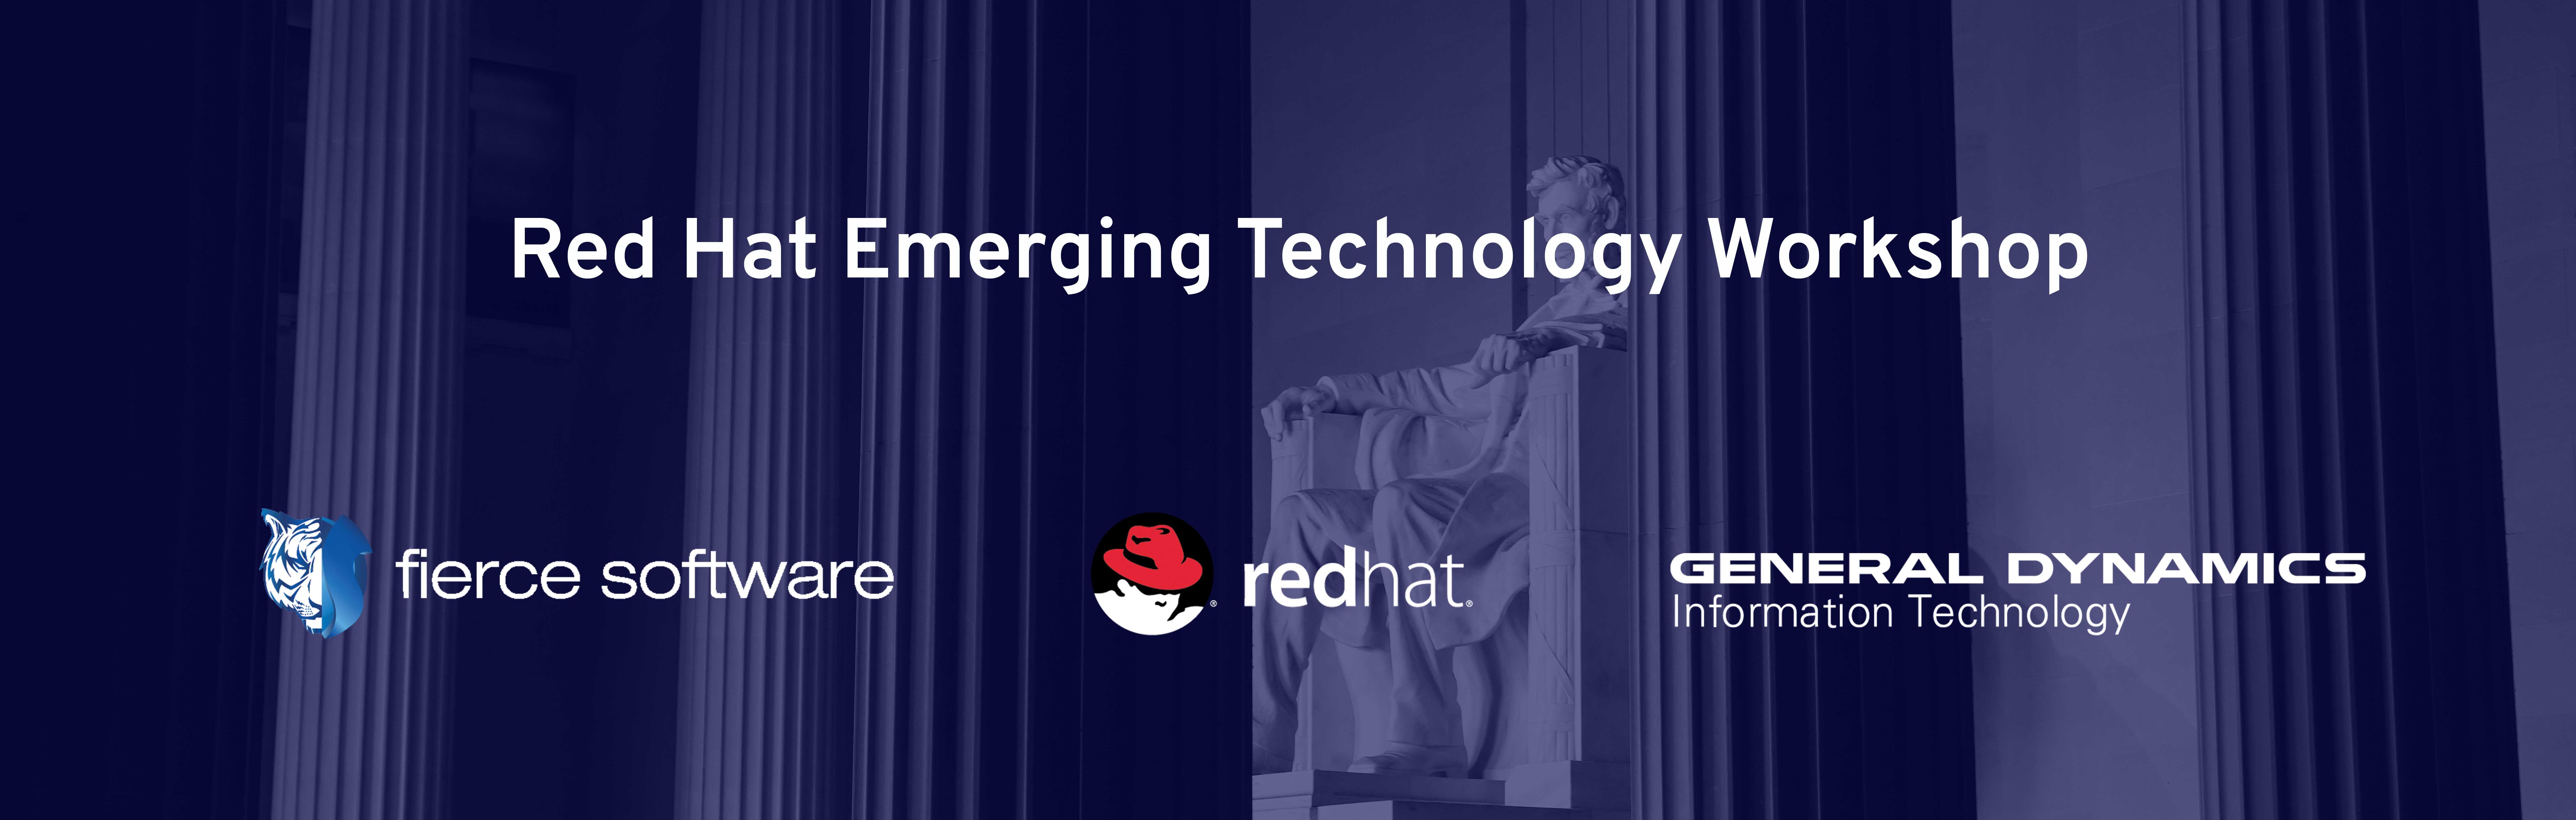 Red Hat Emerging Technology Workshop for GDIT